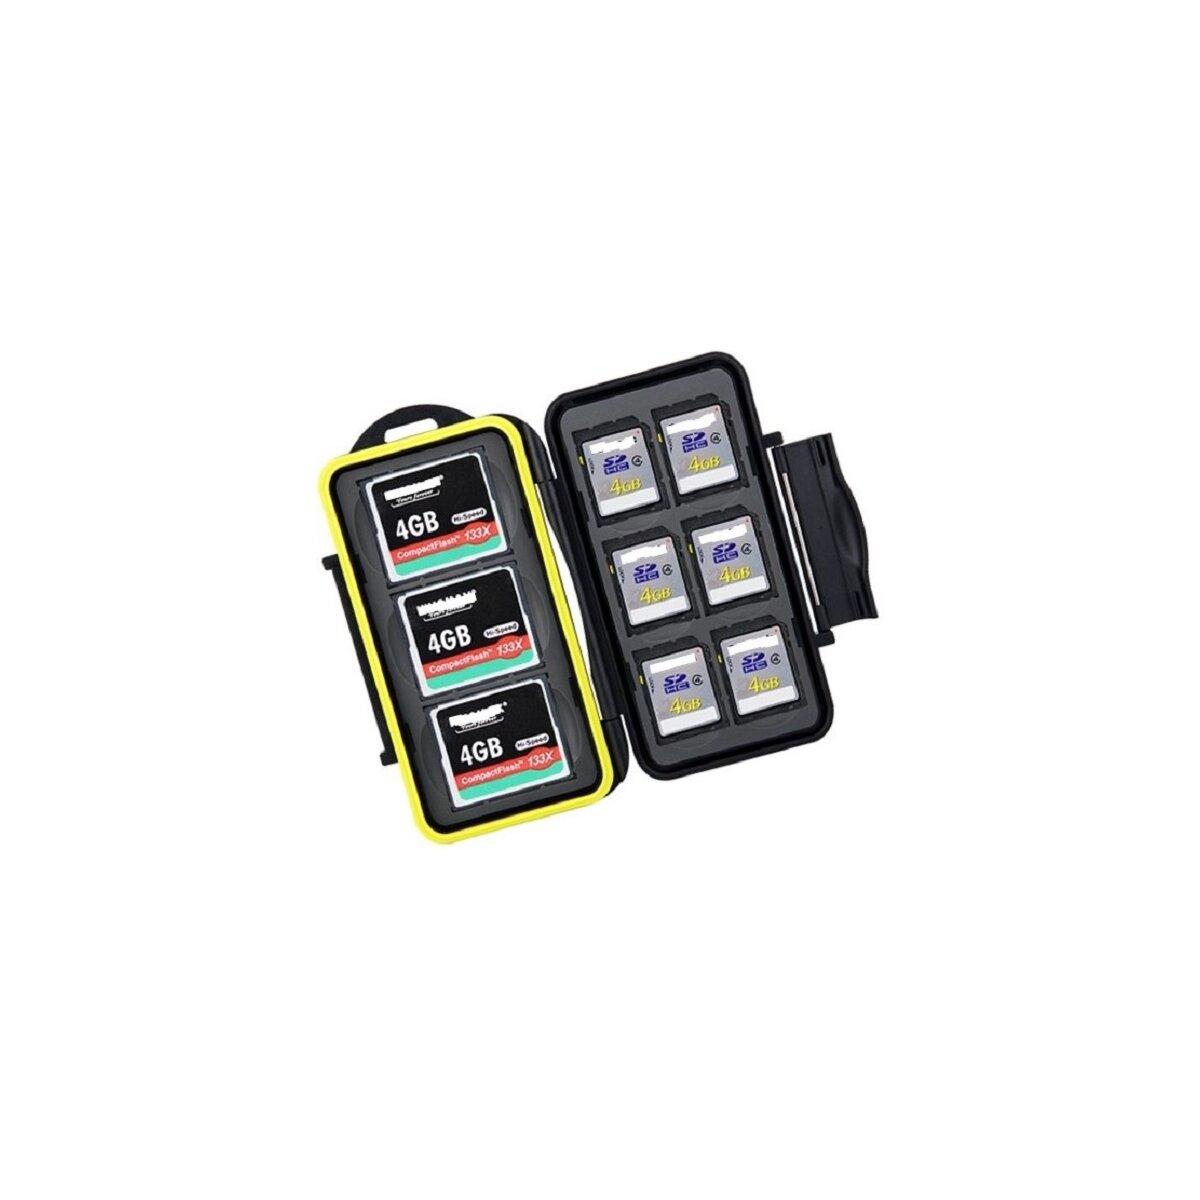 Wasserdichtes Speicherkarten Hardcase Etui Schutzbox fuer 6x SD und 3x CF Compact Flash